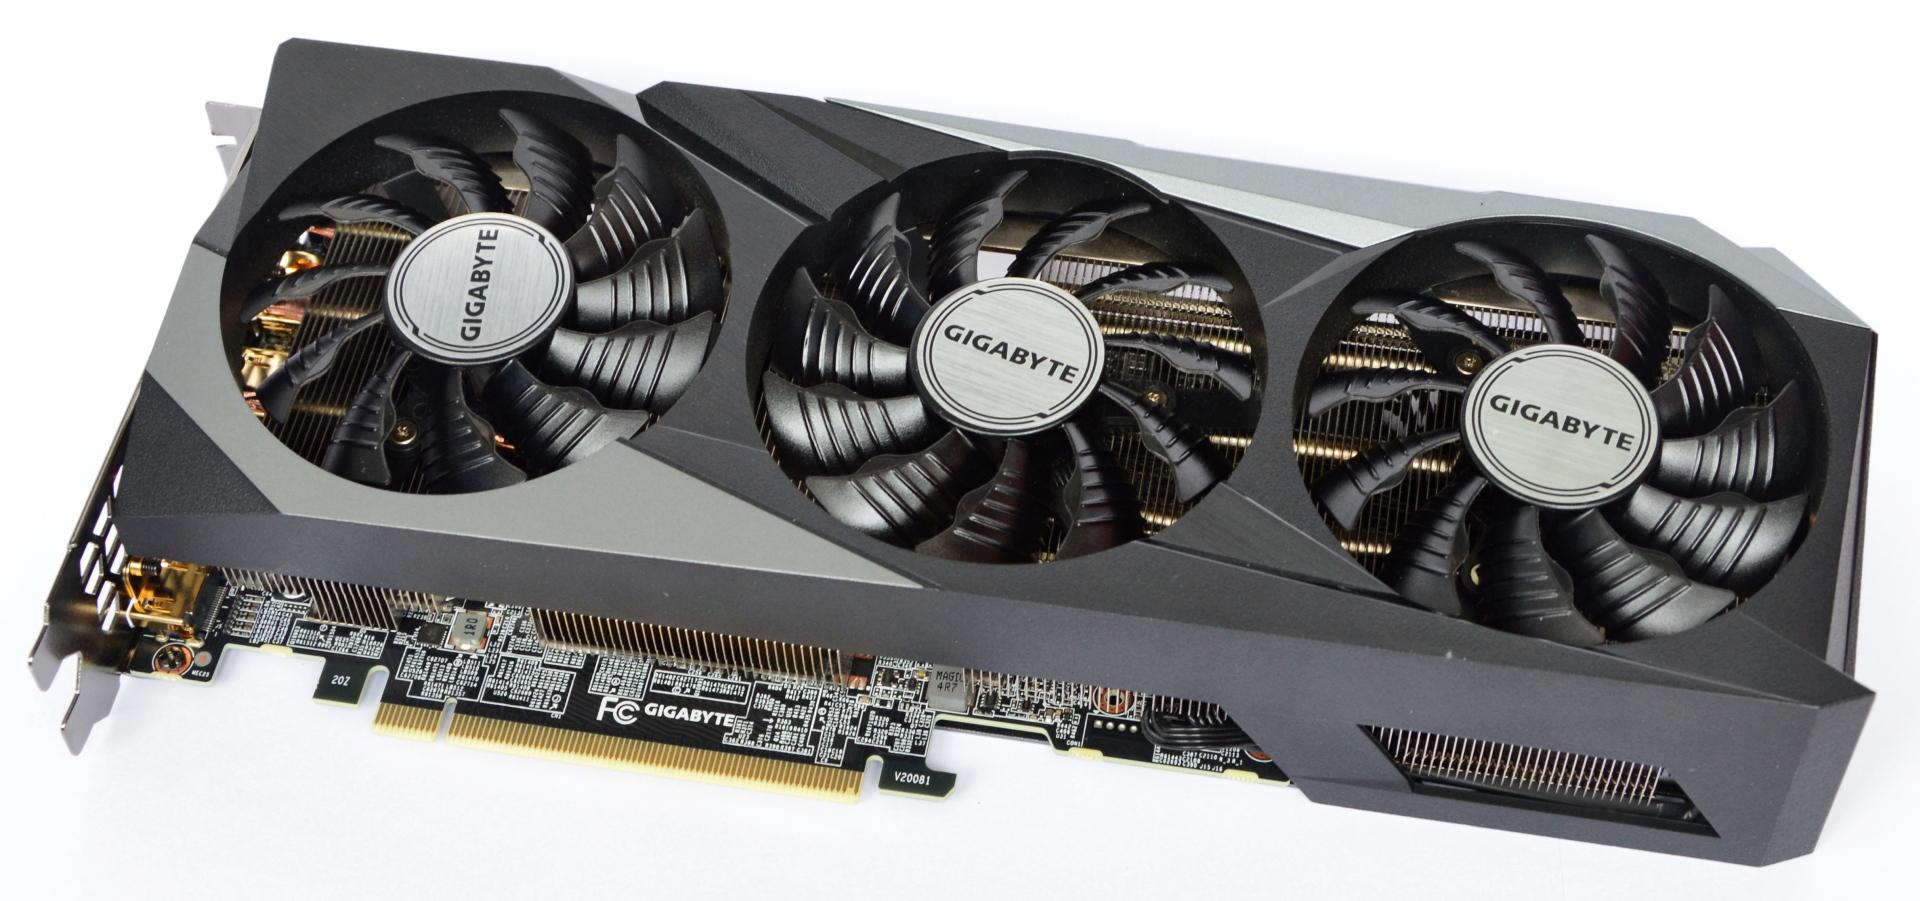 Спустя год ритейлер выполнил заказ на GeForce RTX 3080. Для этого клиенту потребовалось отправить торт